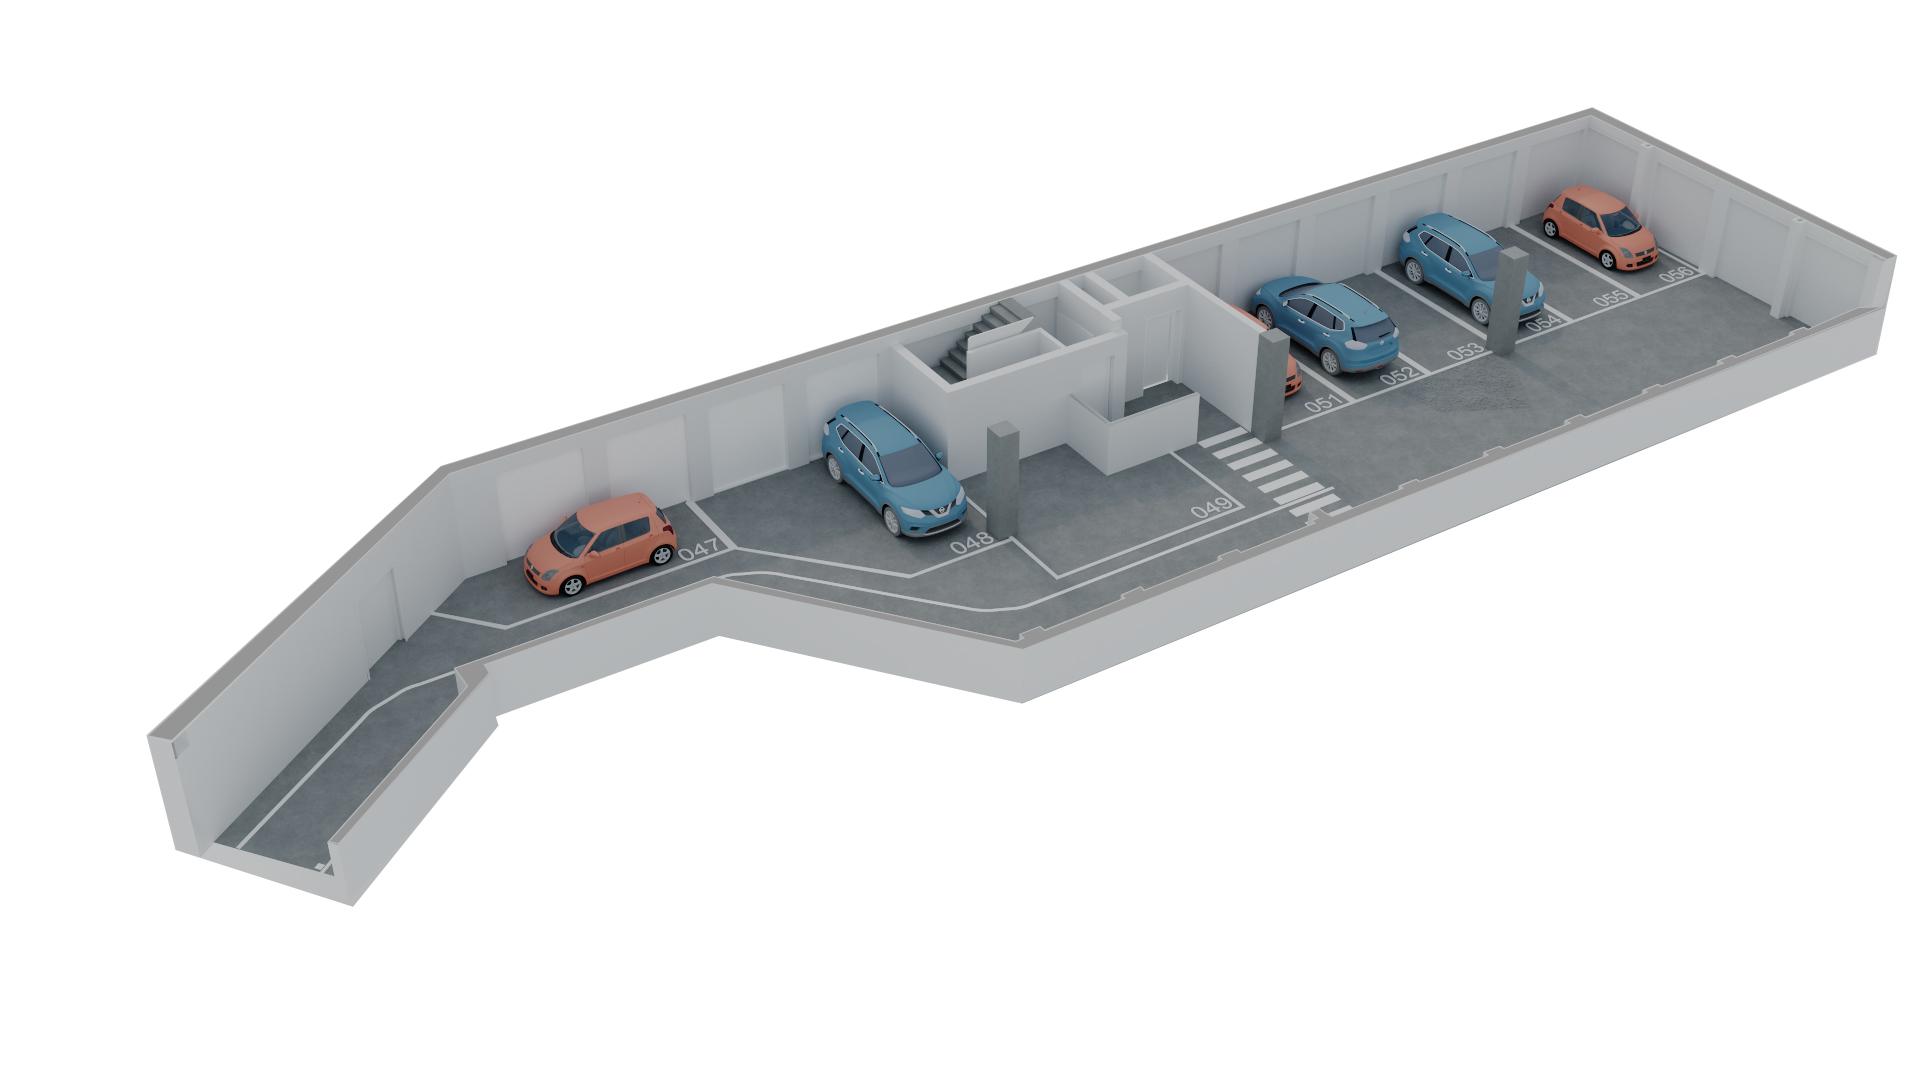 Parkim në shitje në Tiranë - Mangalem 21 Shkalla 17 Kati 1